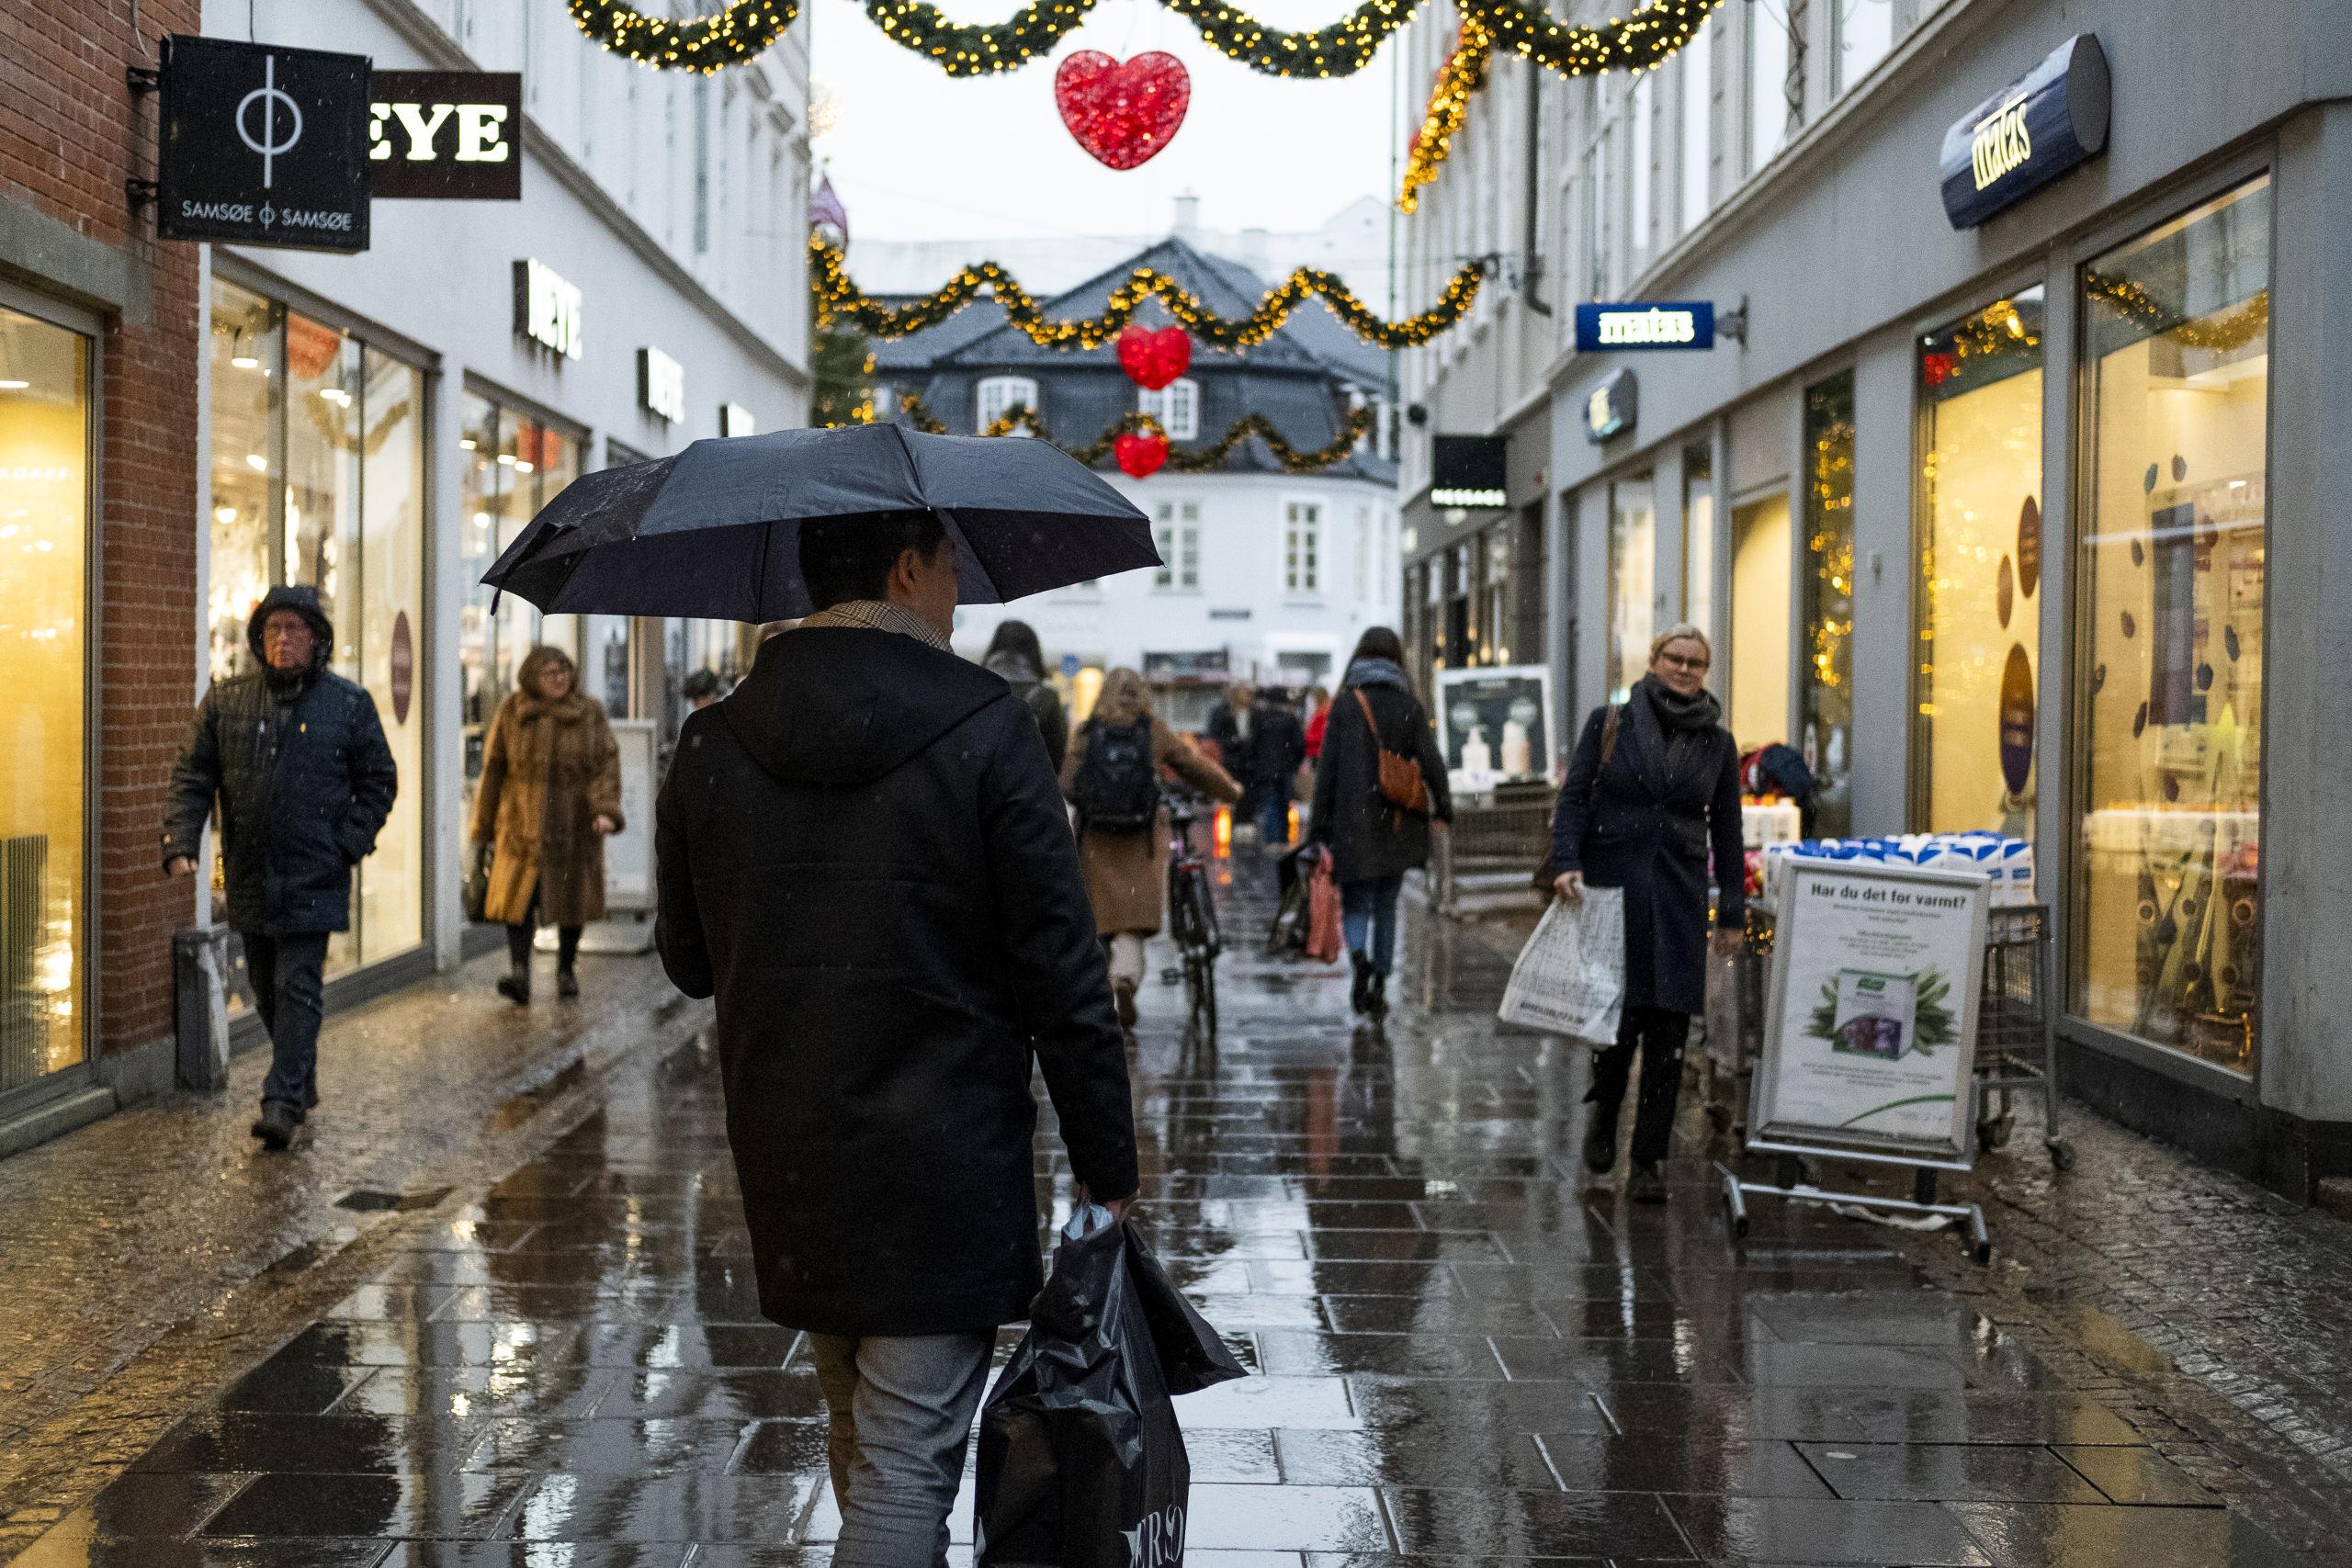 Kom tørskoet frem: Lån en paraply - helt gratis